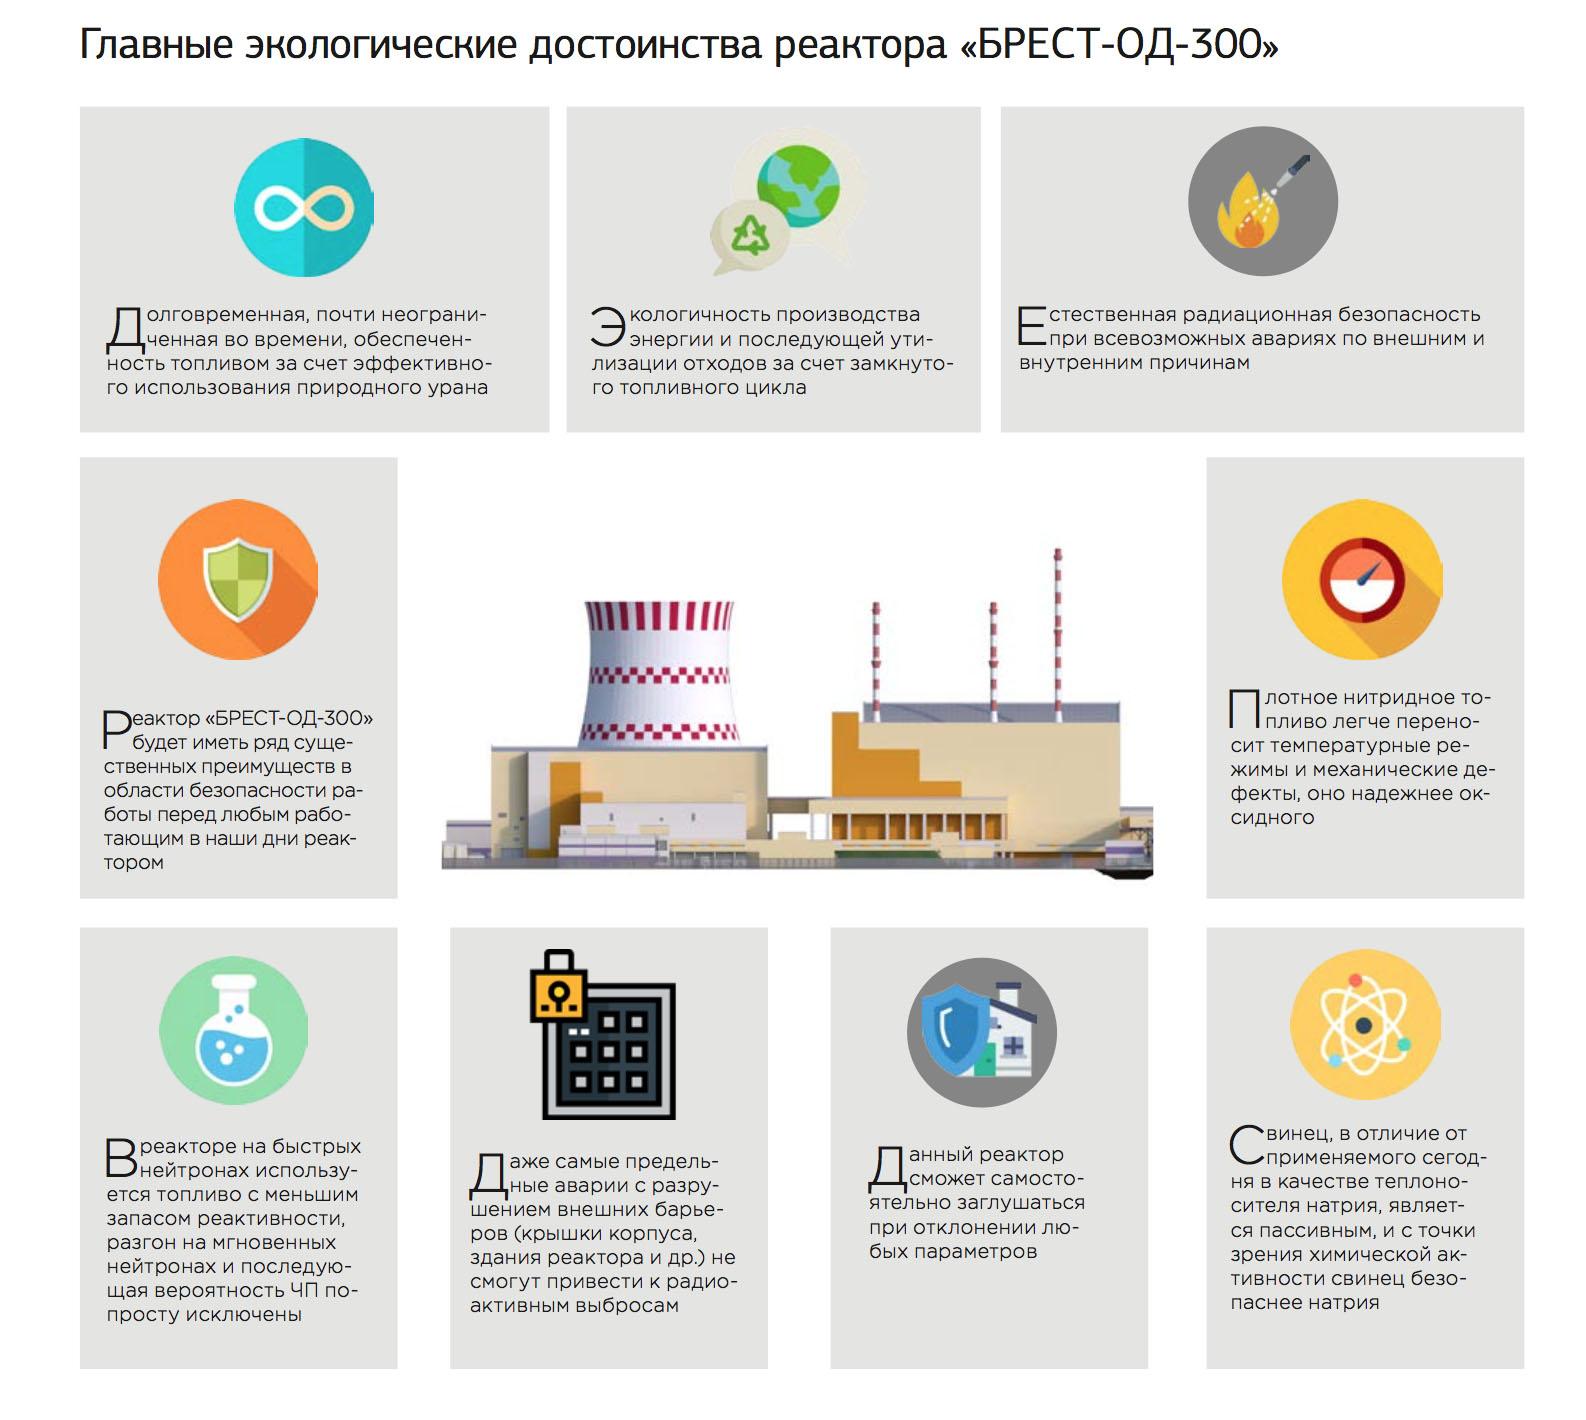 Достоинства реактора БРЕСТ